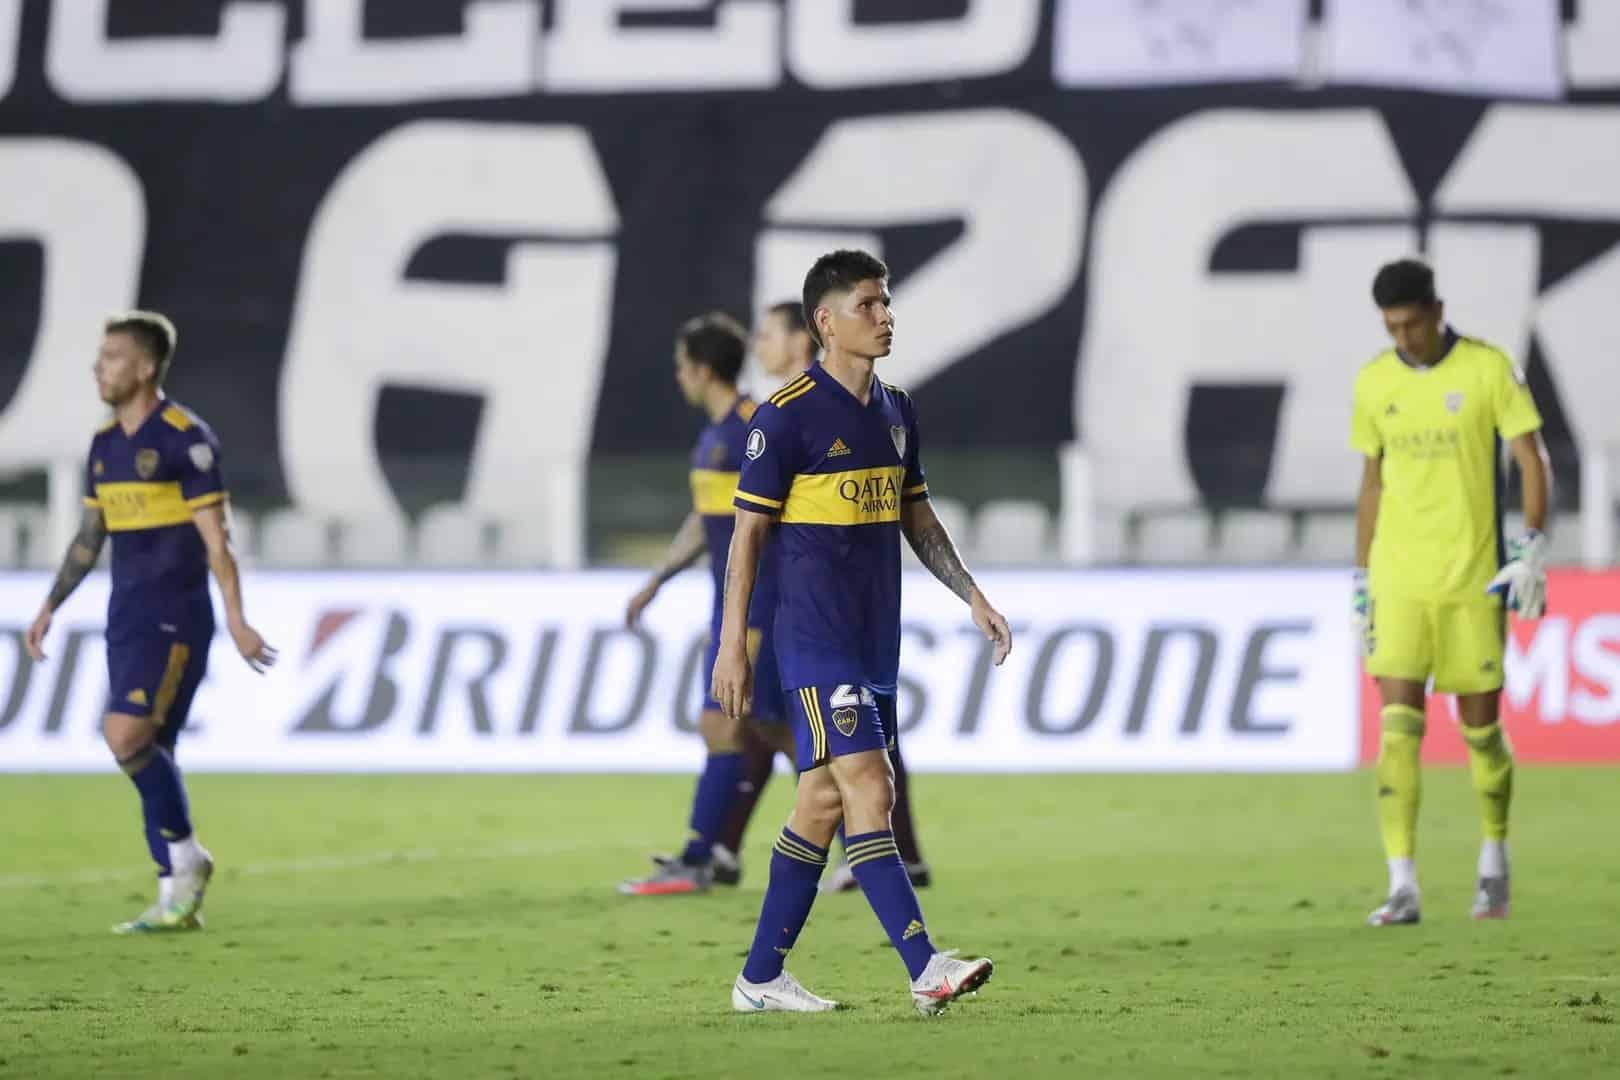 Boca jugó un mal partido y quedó eliminado de la Libertadores